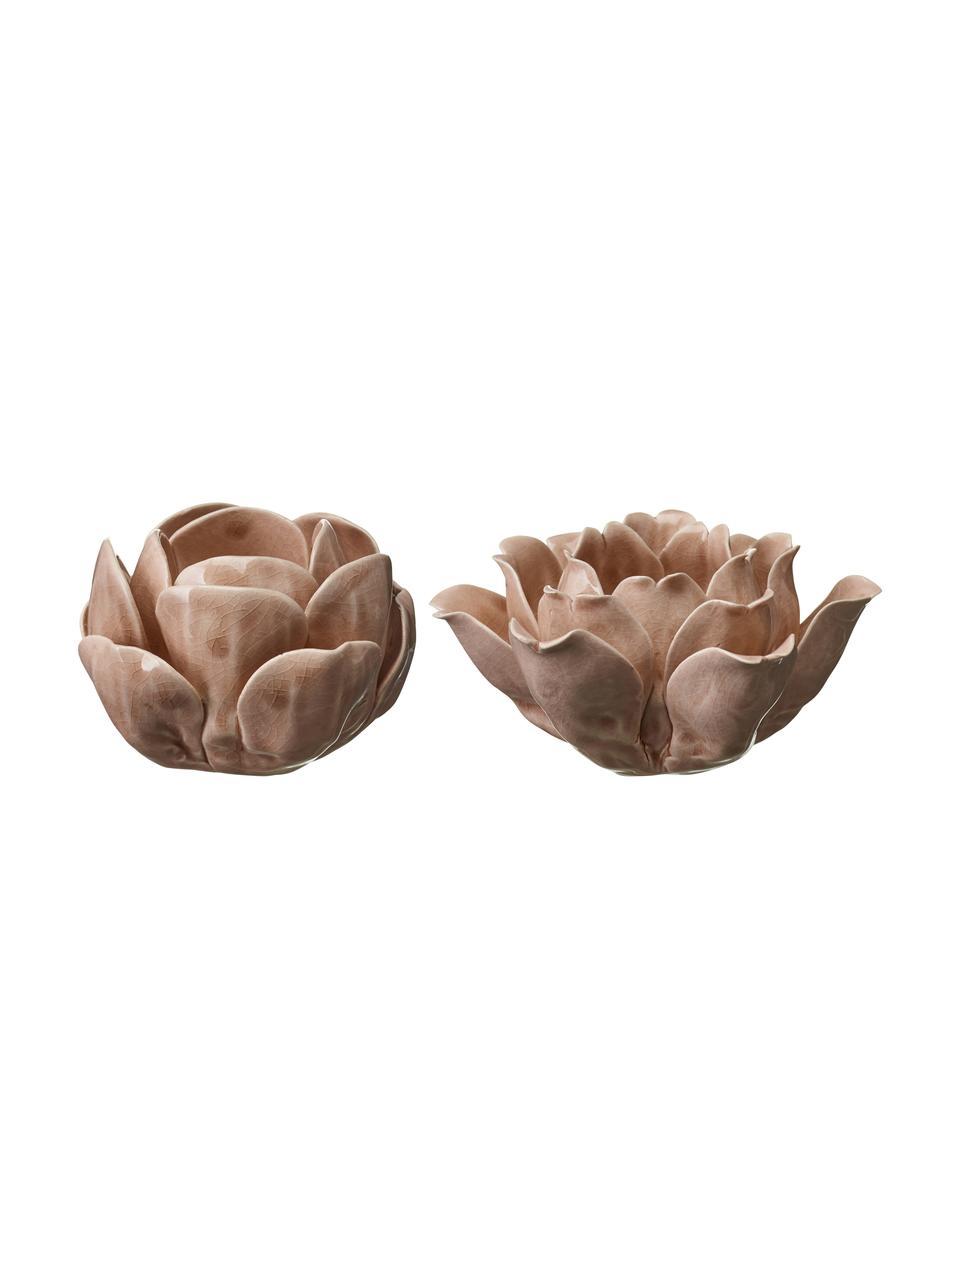 Komplet świeczników Sally, 2 elem., Porcelana lakierowana, Blady różowy, Komplet z różnymi rozmiarami